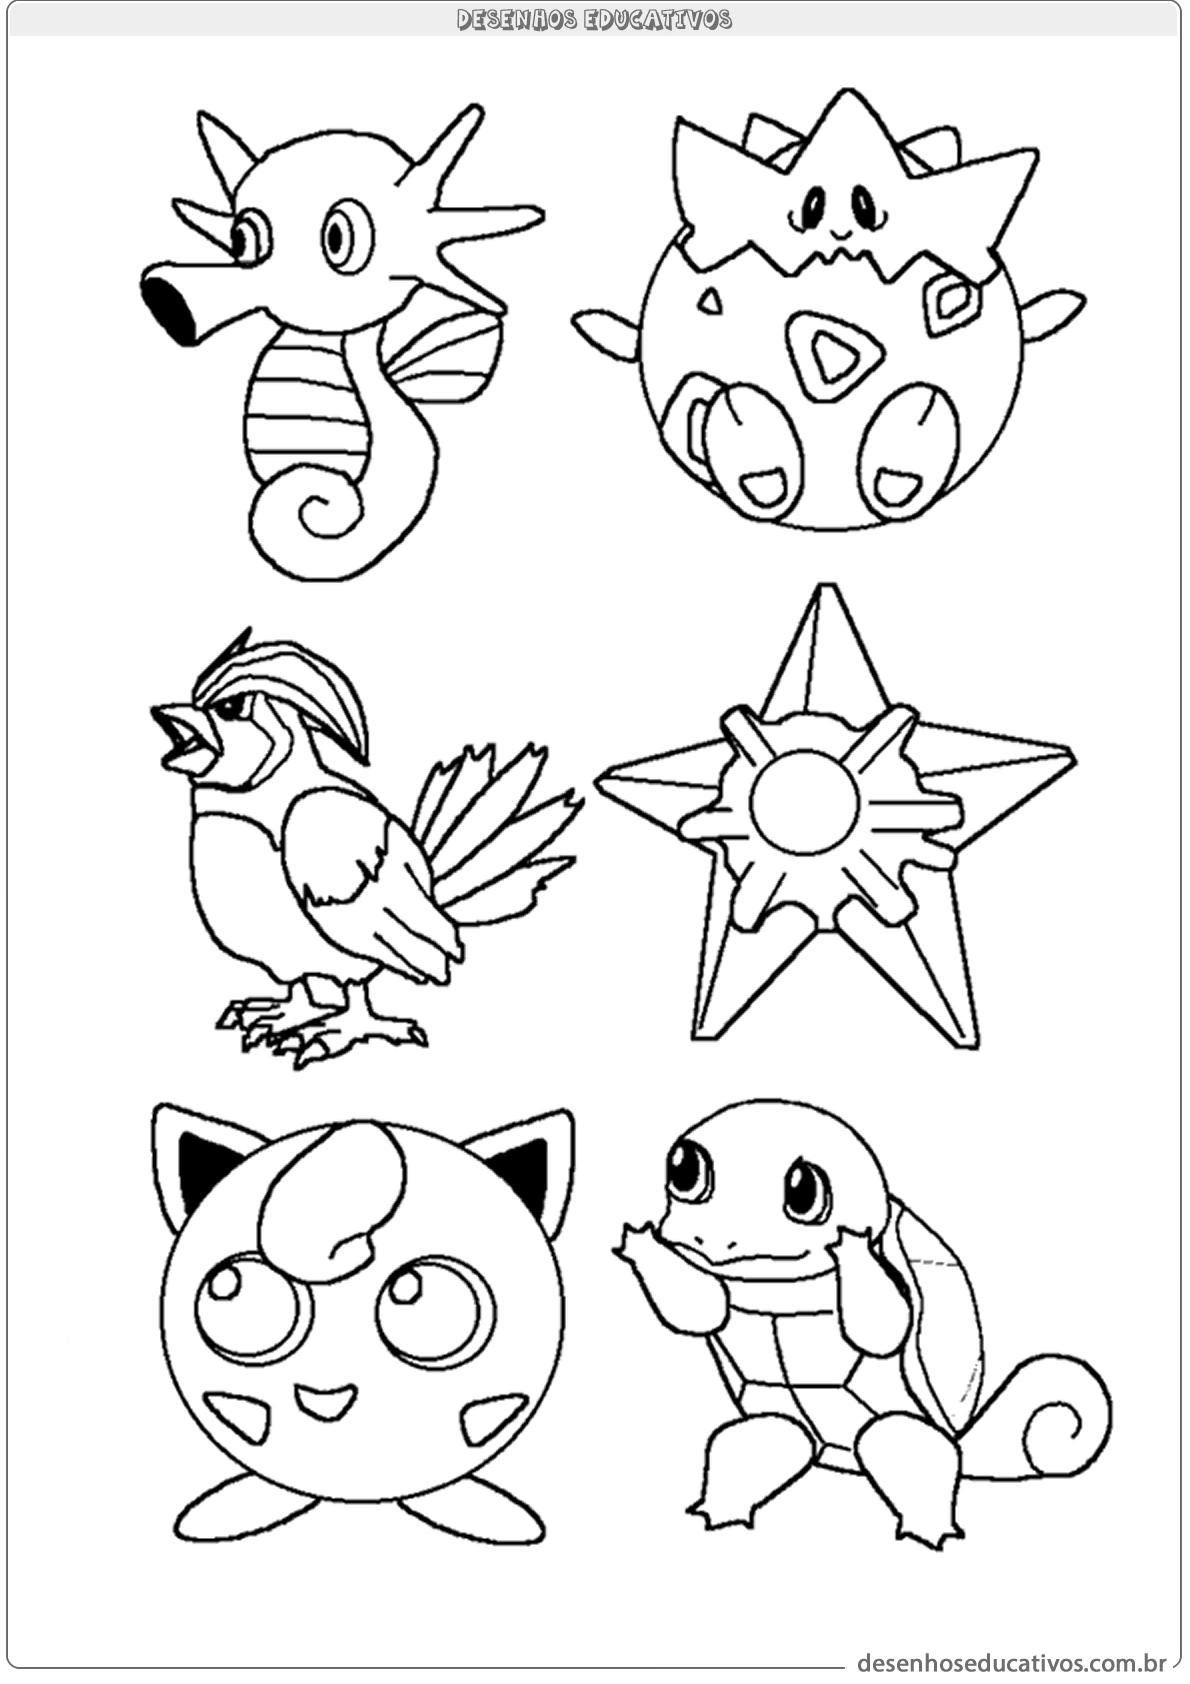 Colorir Pokemons Desenhos Educativos